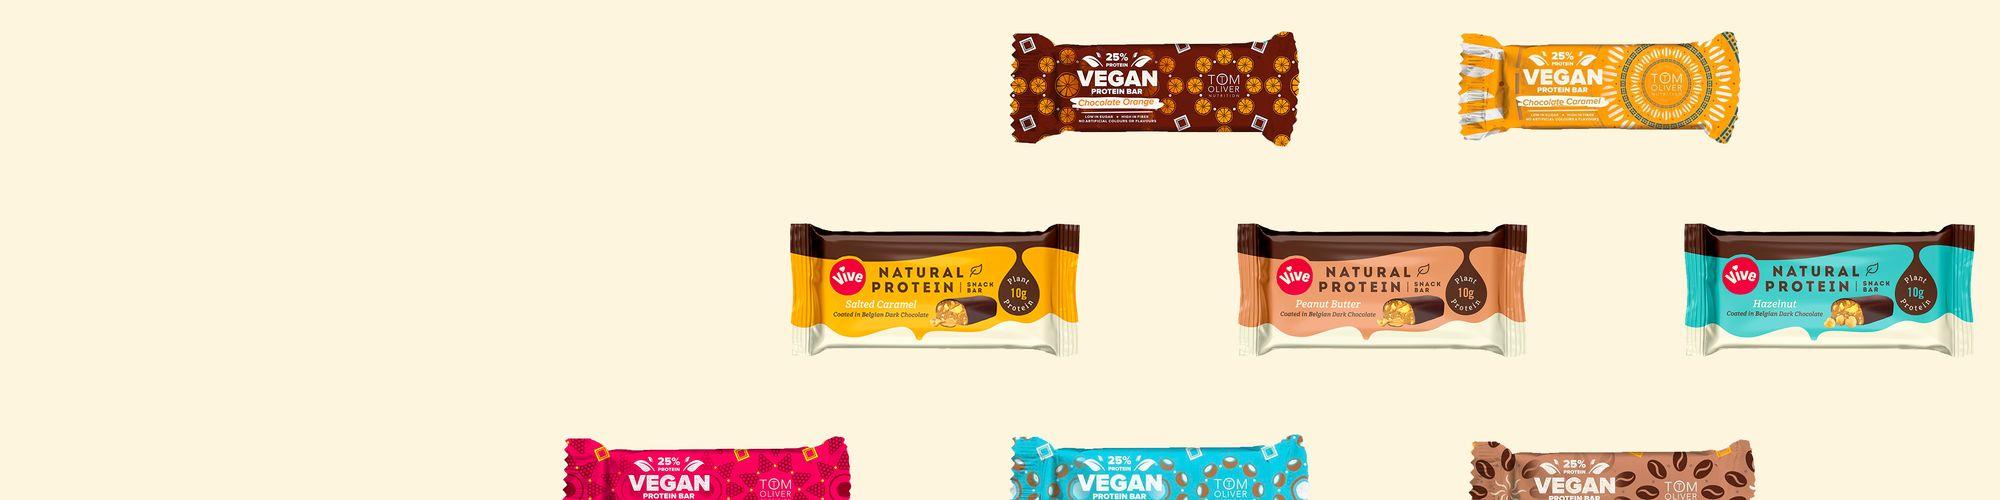 Vegan friendly novinky